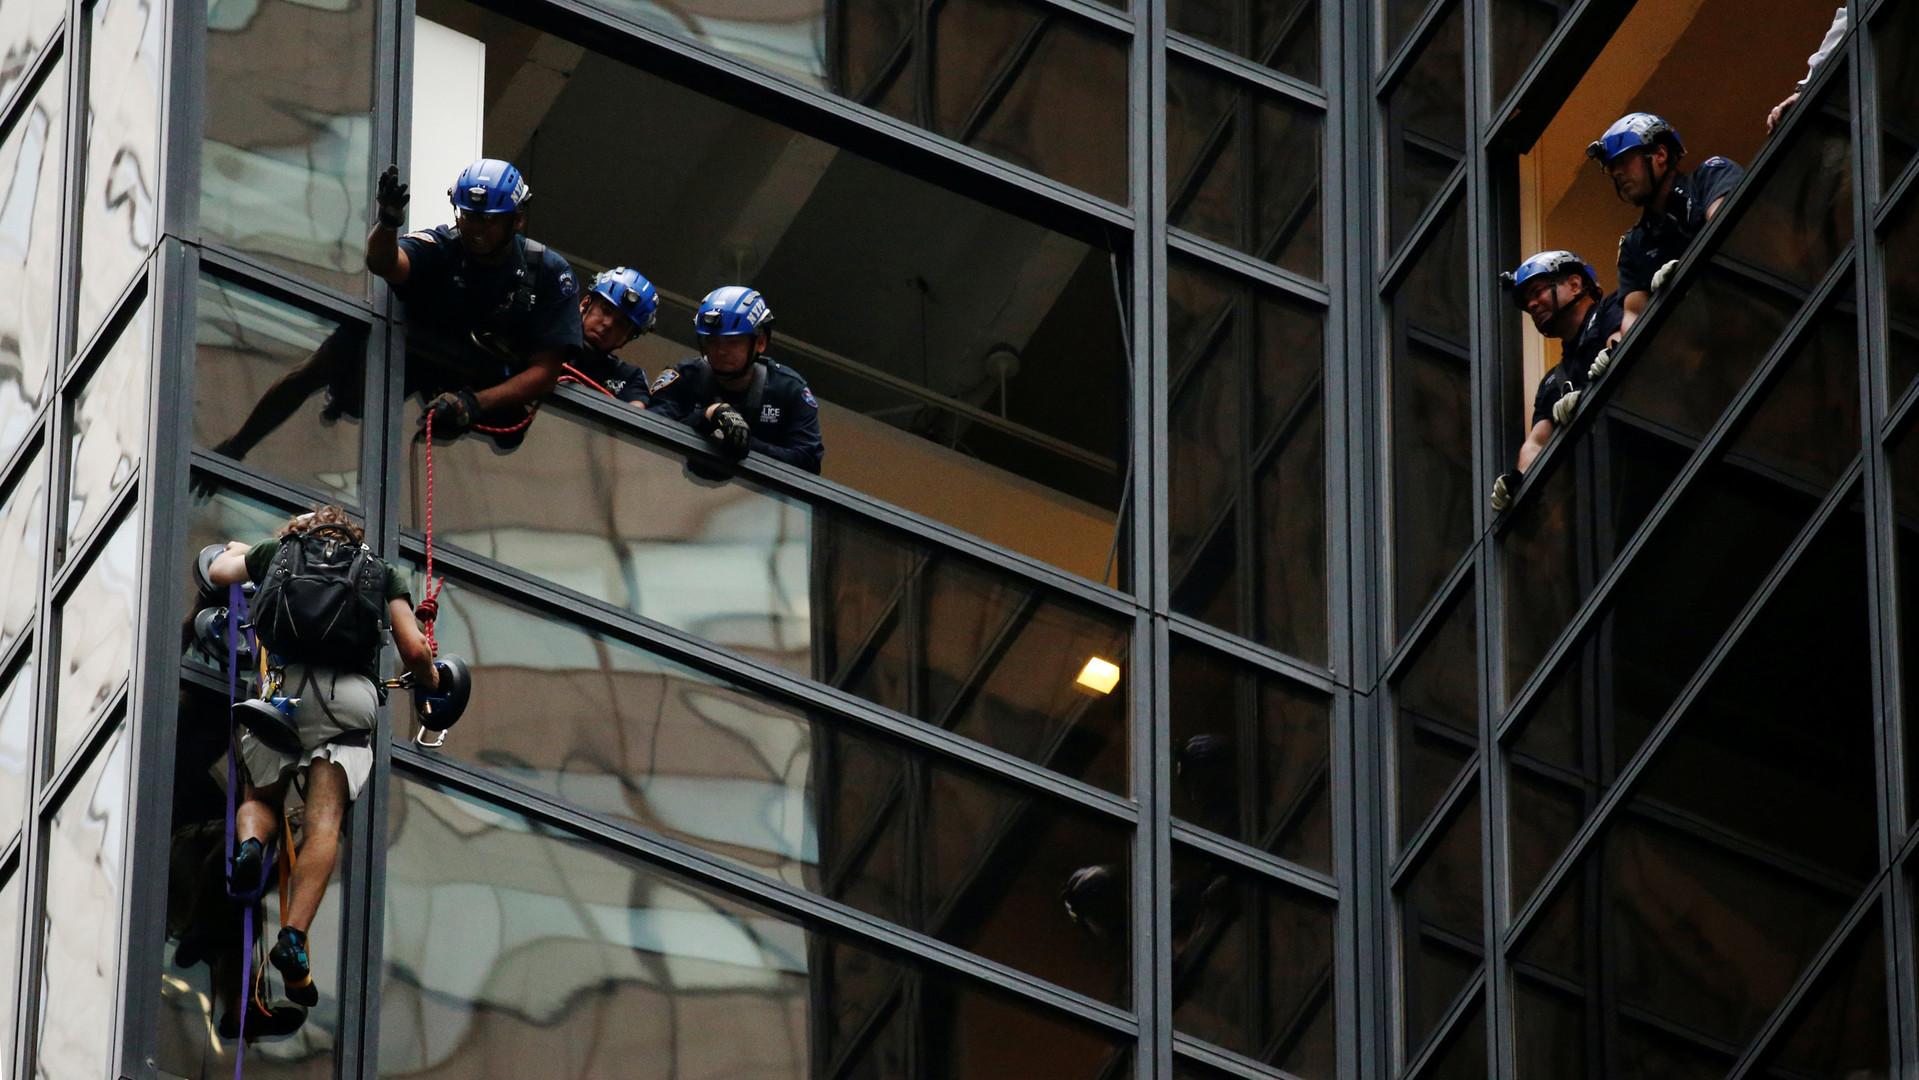 Мужчина взбирается на «башню Трампа» с помощью присосок, чтобы встретиться с миллиардером.